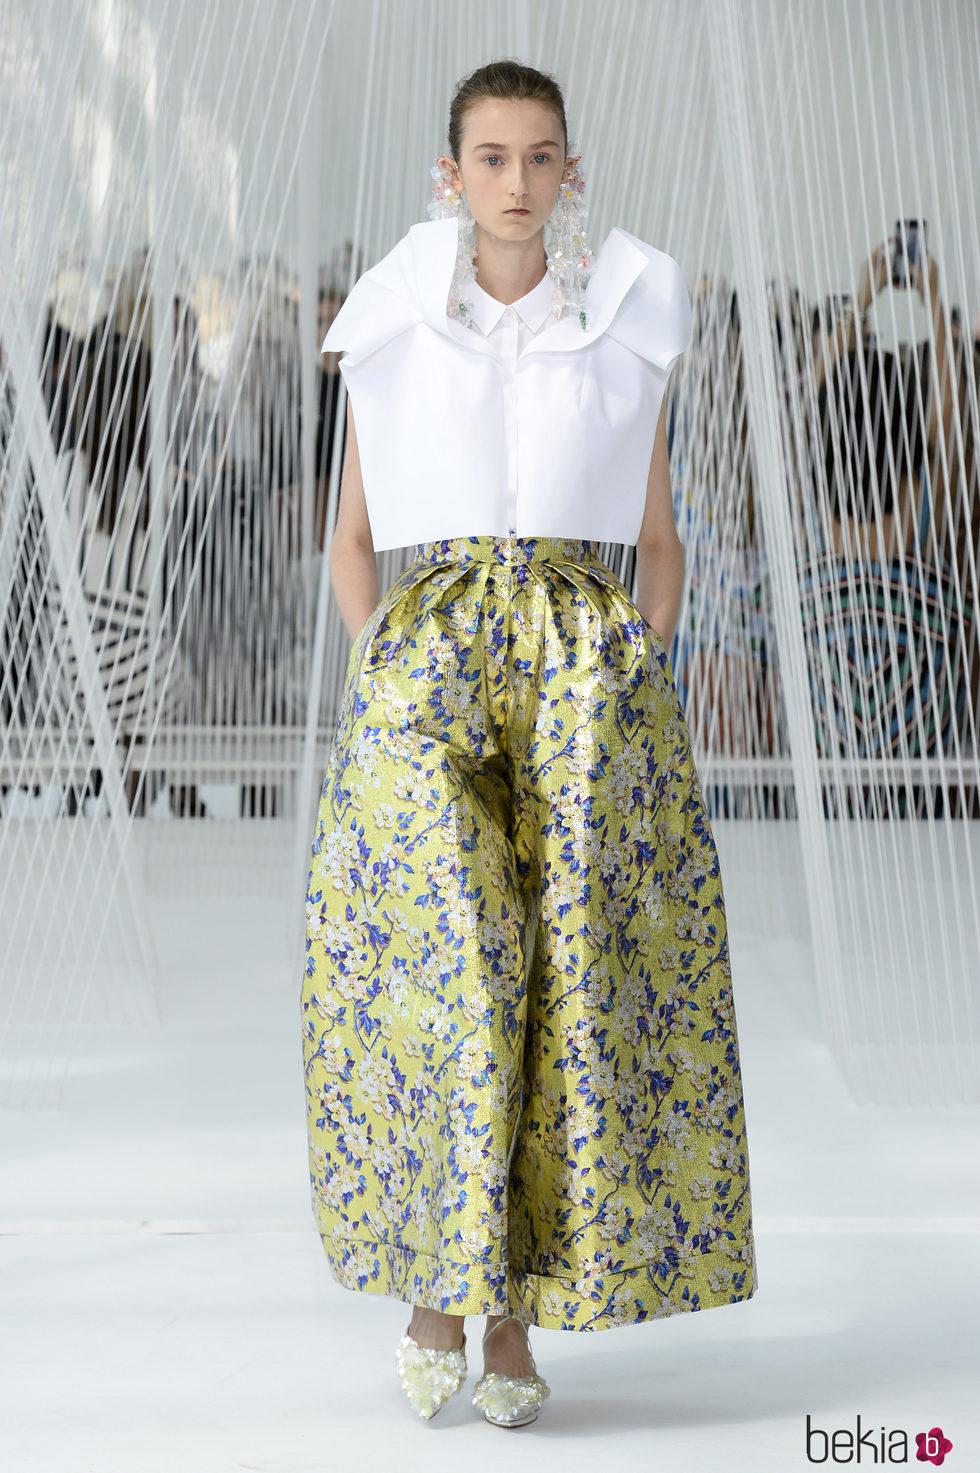 Compra ropa de moda en ONLY. Cada artículo tiene un toque maduro y se centra la fuerza femenina, la confianza y el estilo.